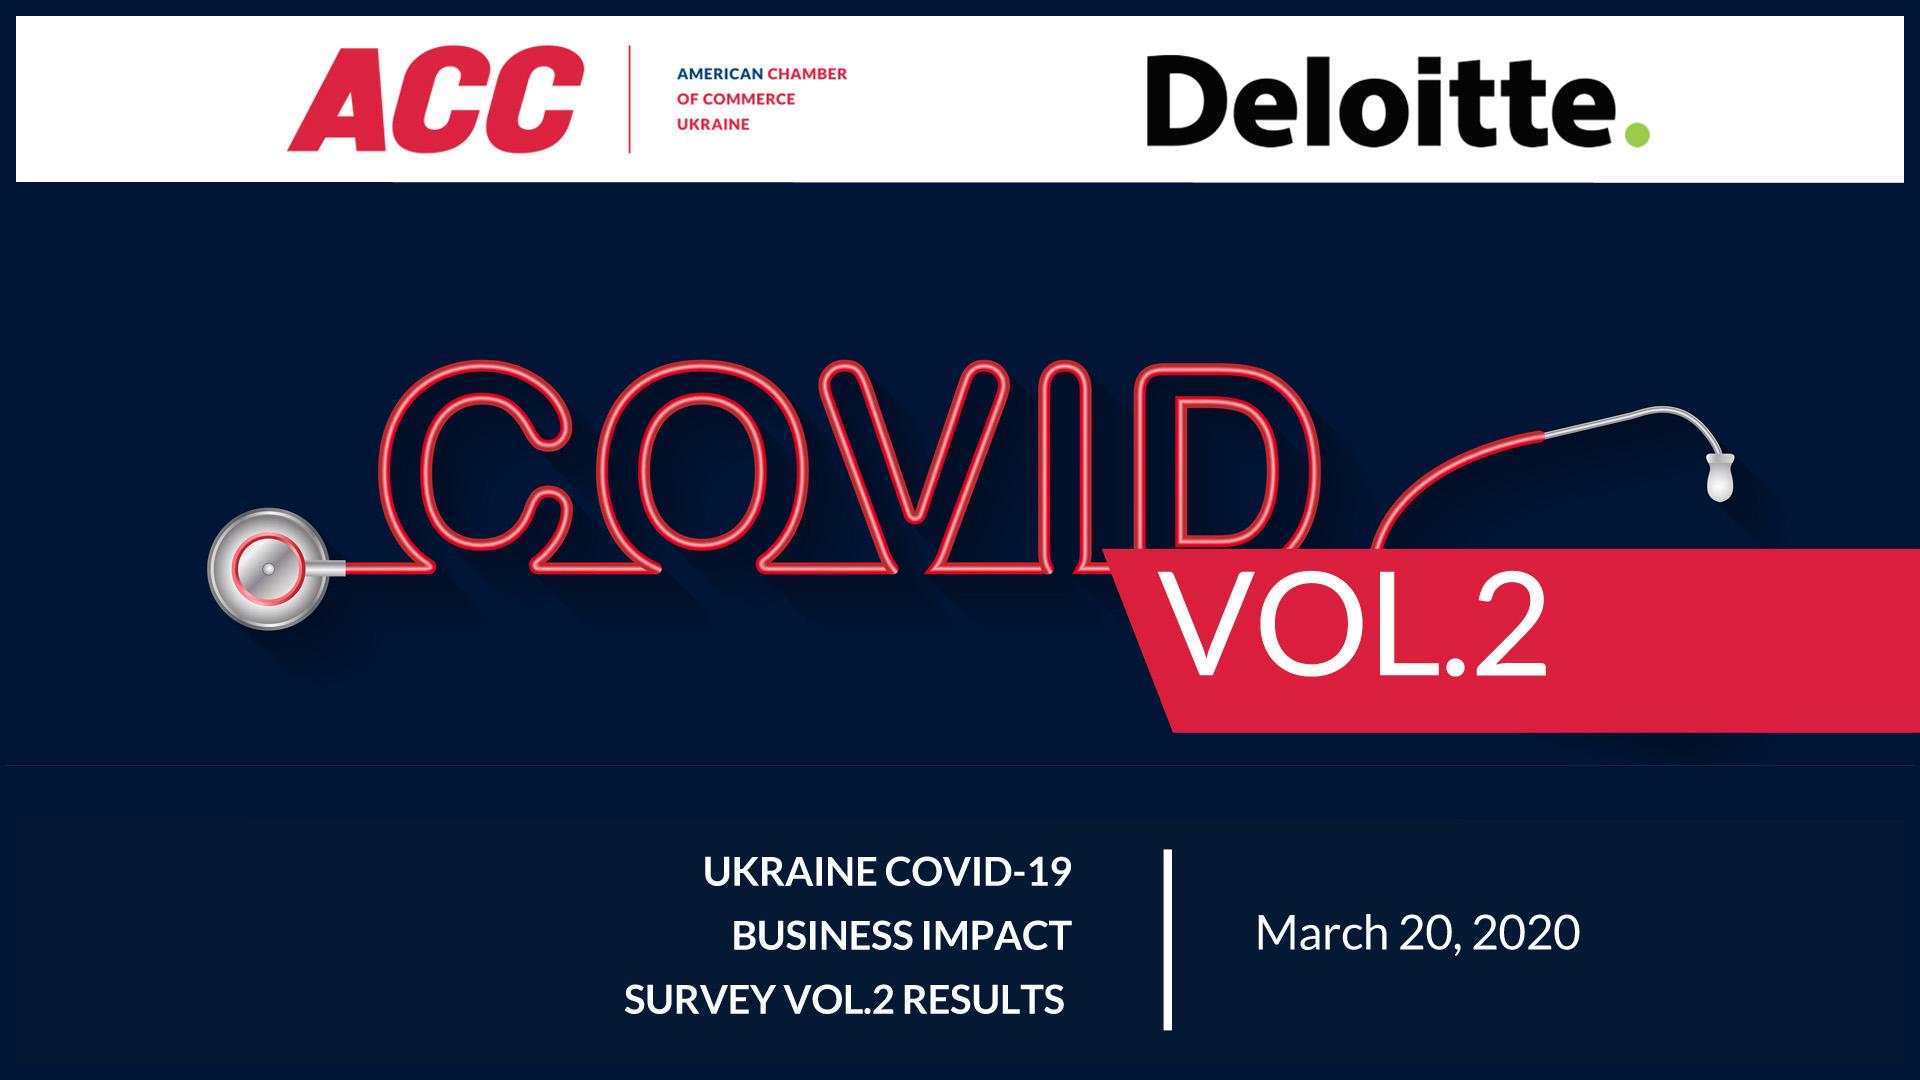 Вплив COVID-19 на бізнес в Україні - повторне опитування АСС та Deloitte